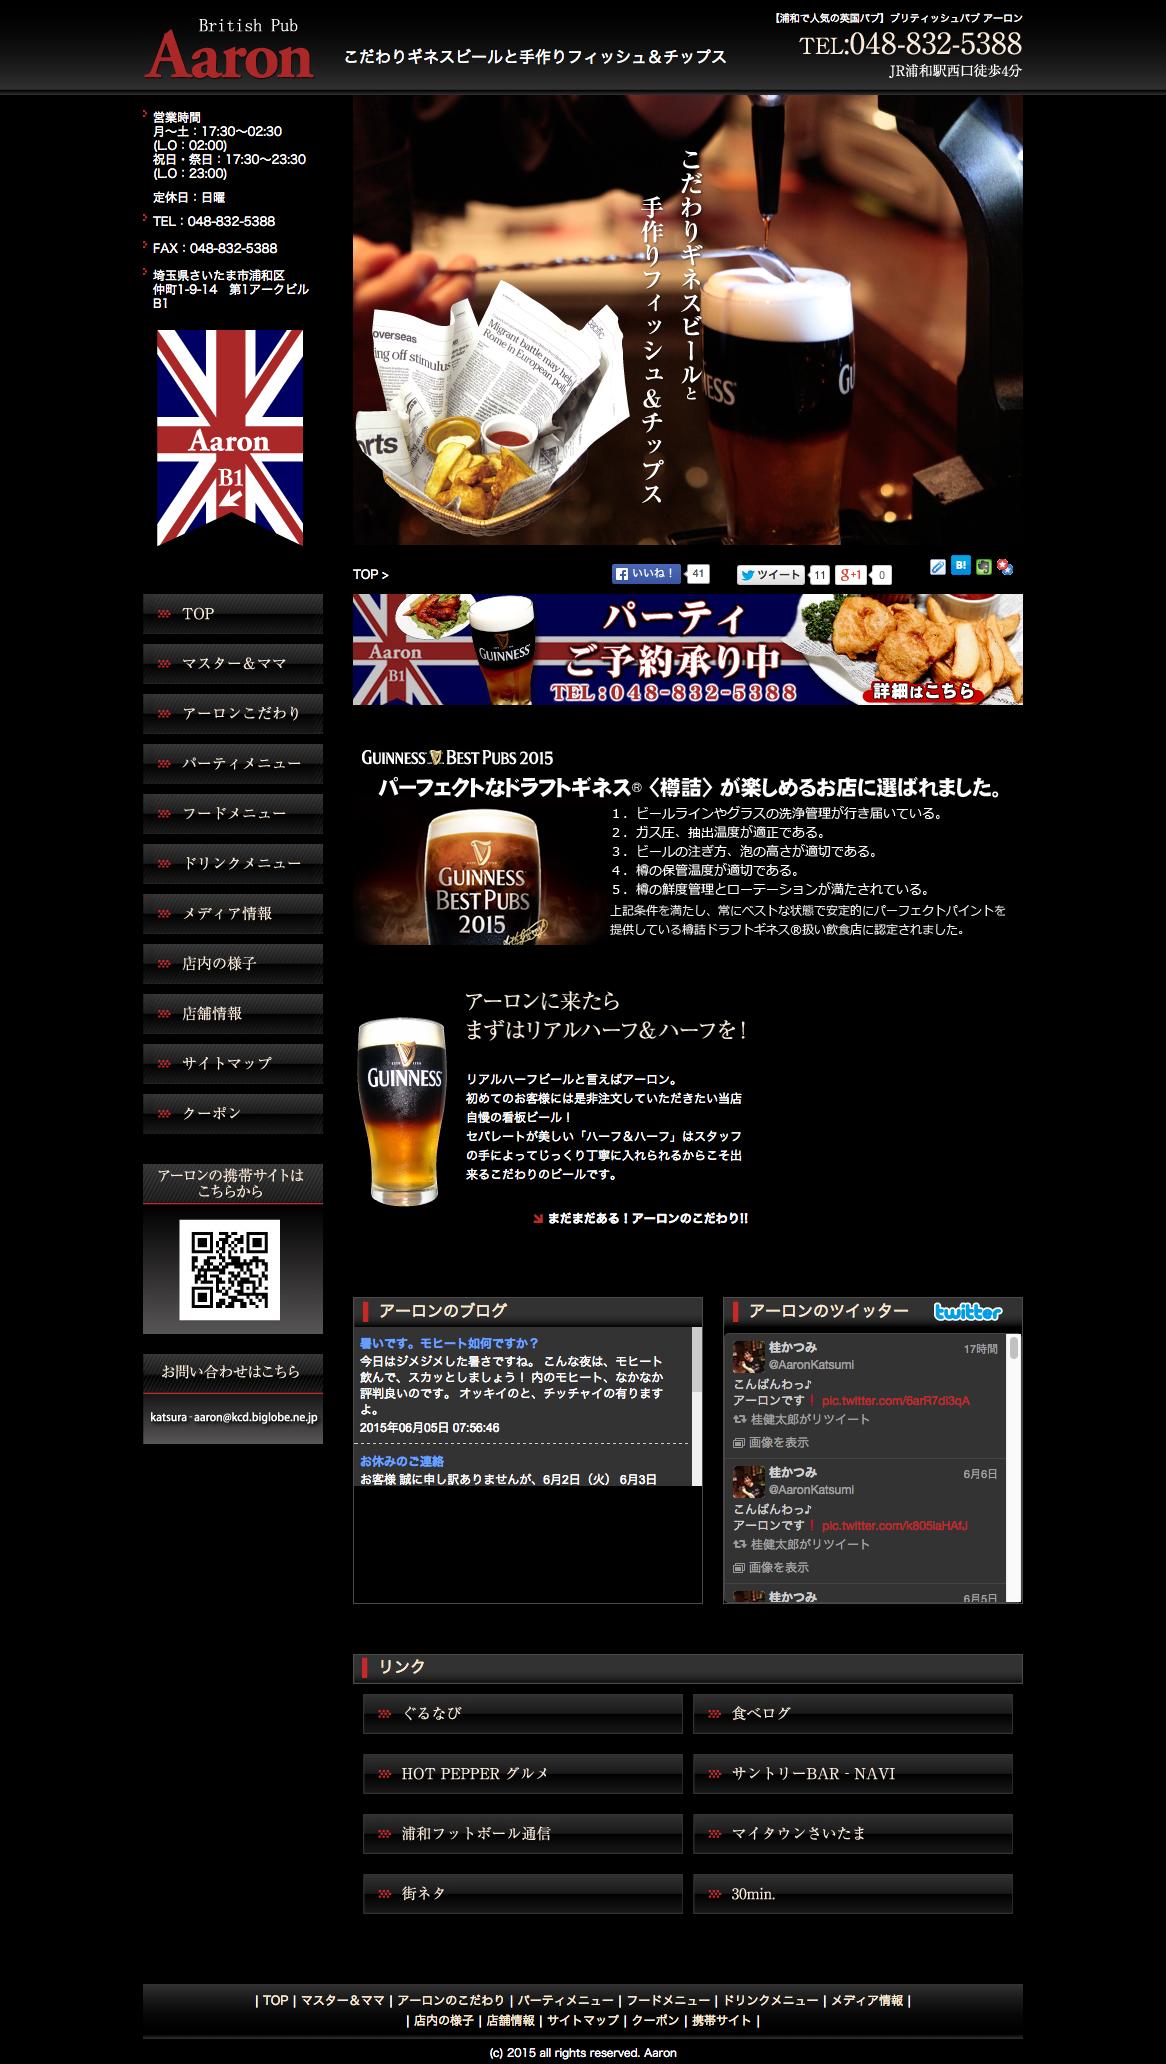 アーロンホームページ